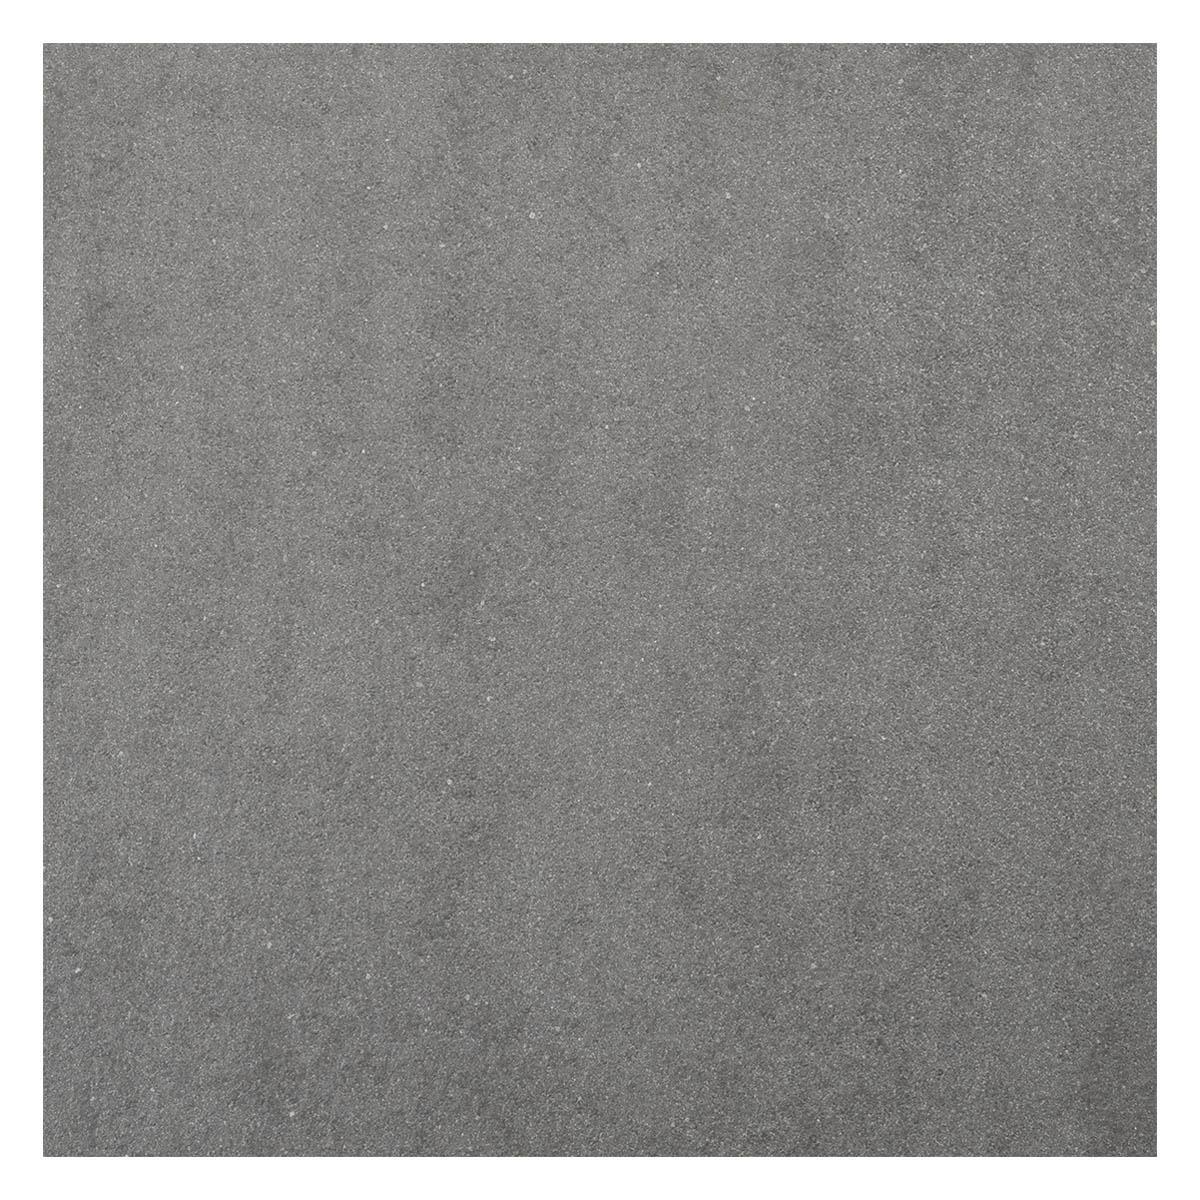 Porcelanato Trafic Gris Mate - 60X60 cm - 1.44 m2